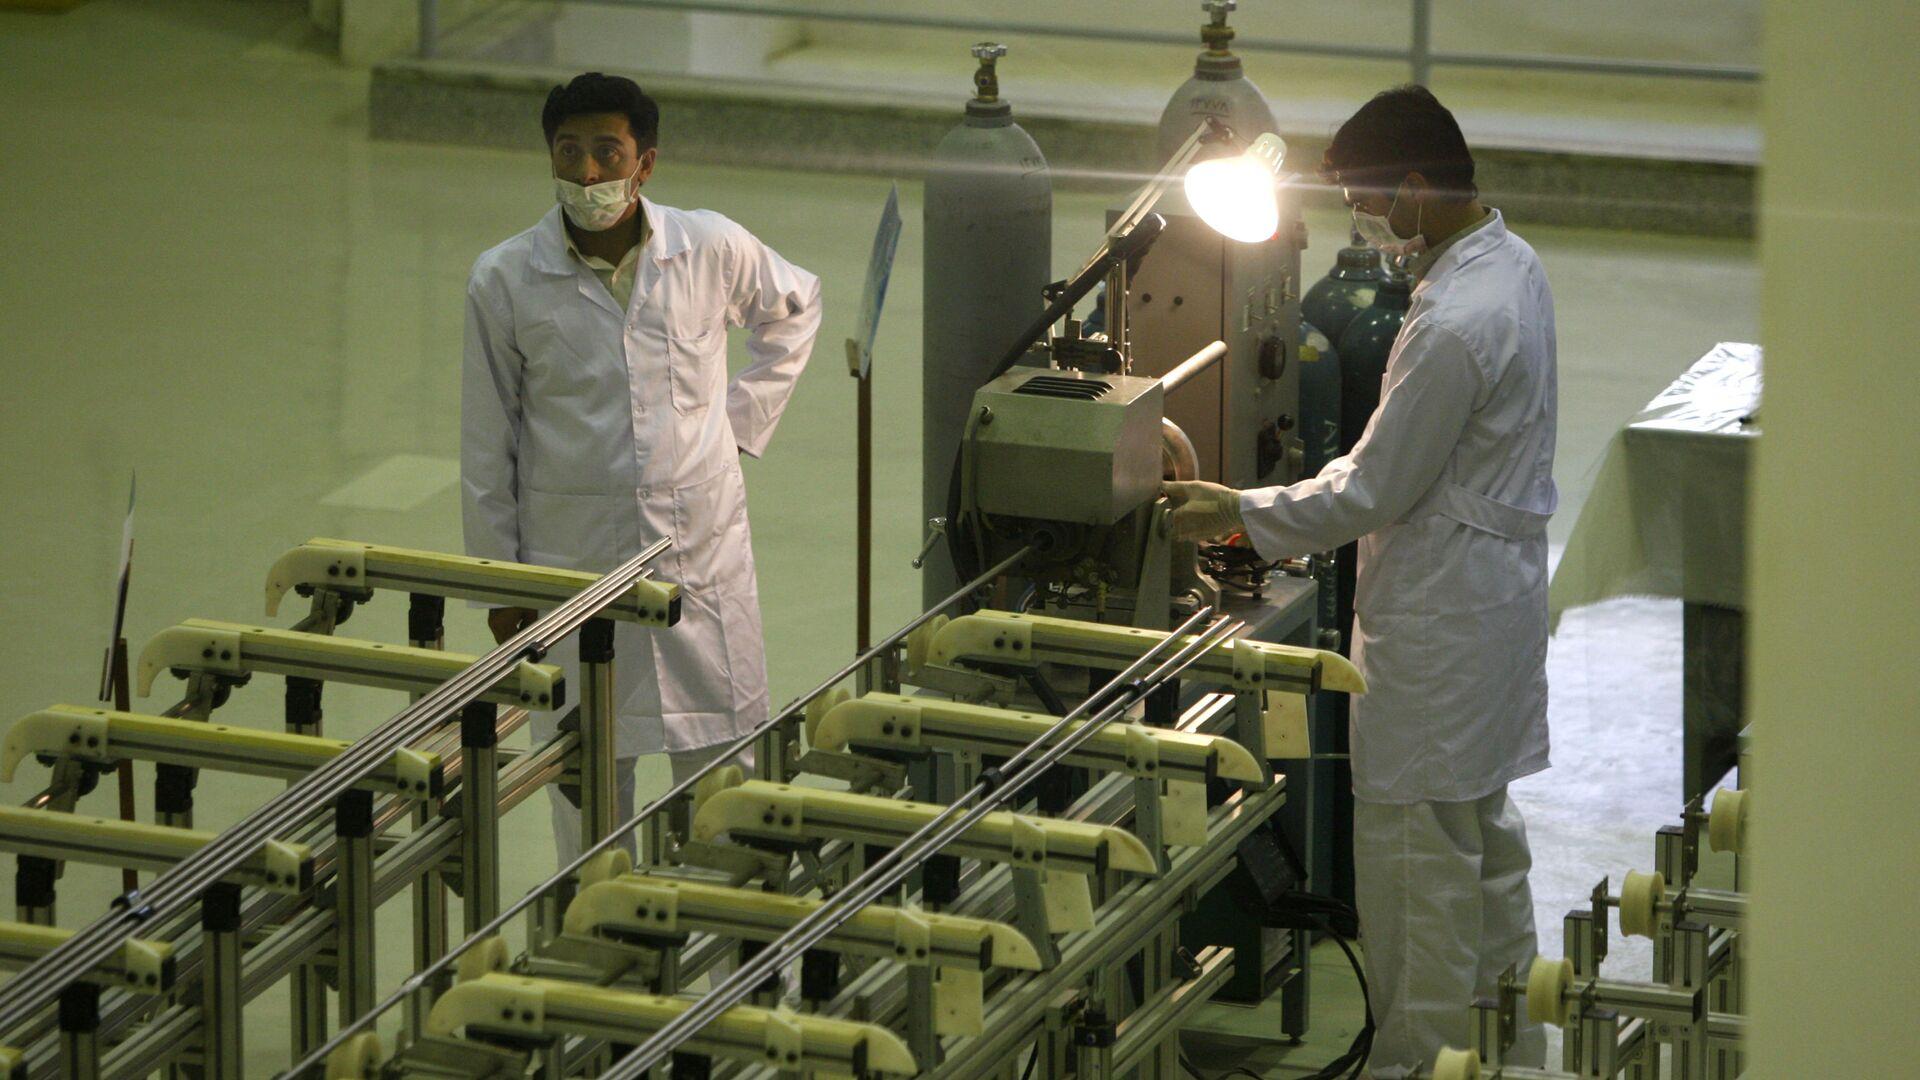 Scienziati iraniani presso un impianto per la produzione di combustibile all'uranio per un reattore nucleare - Sputnik Italia, 1920, 06.04.2021